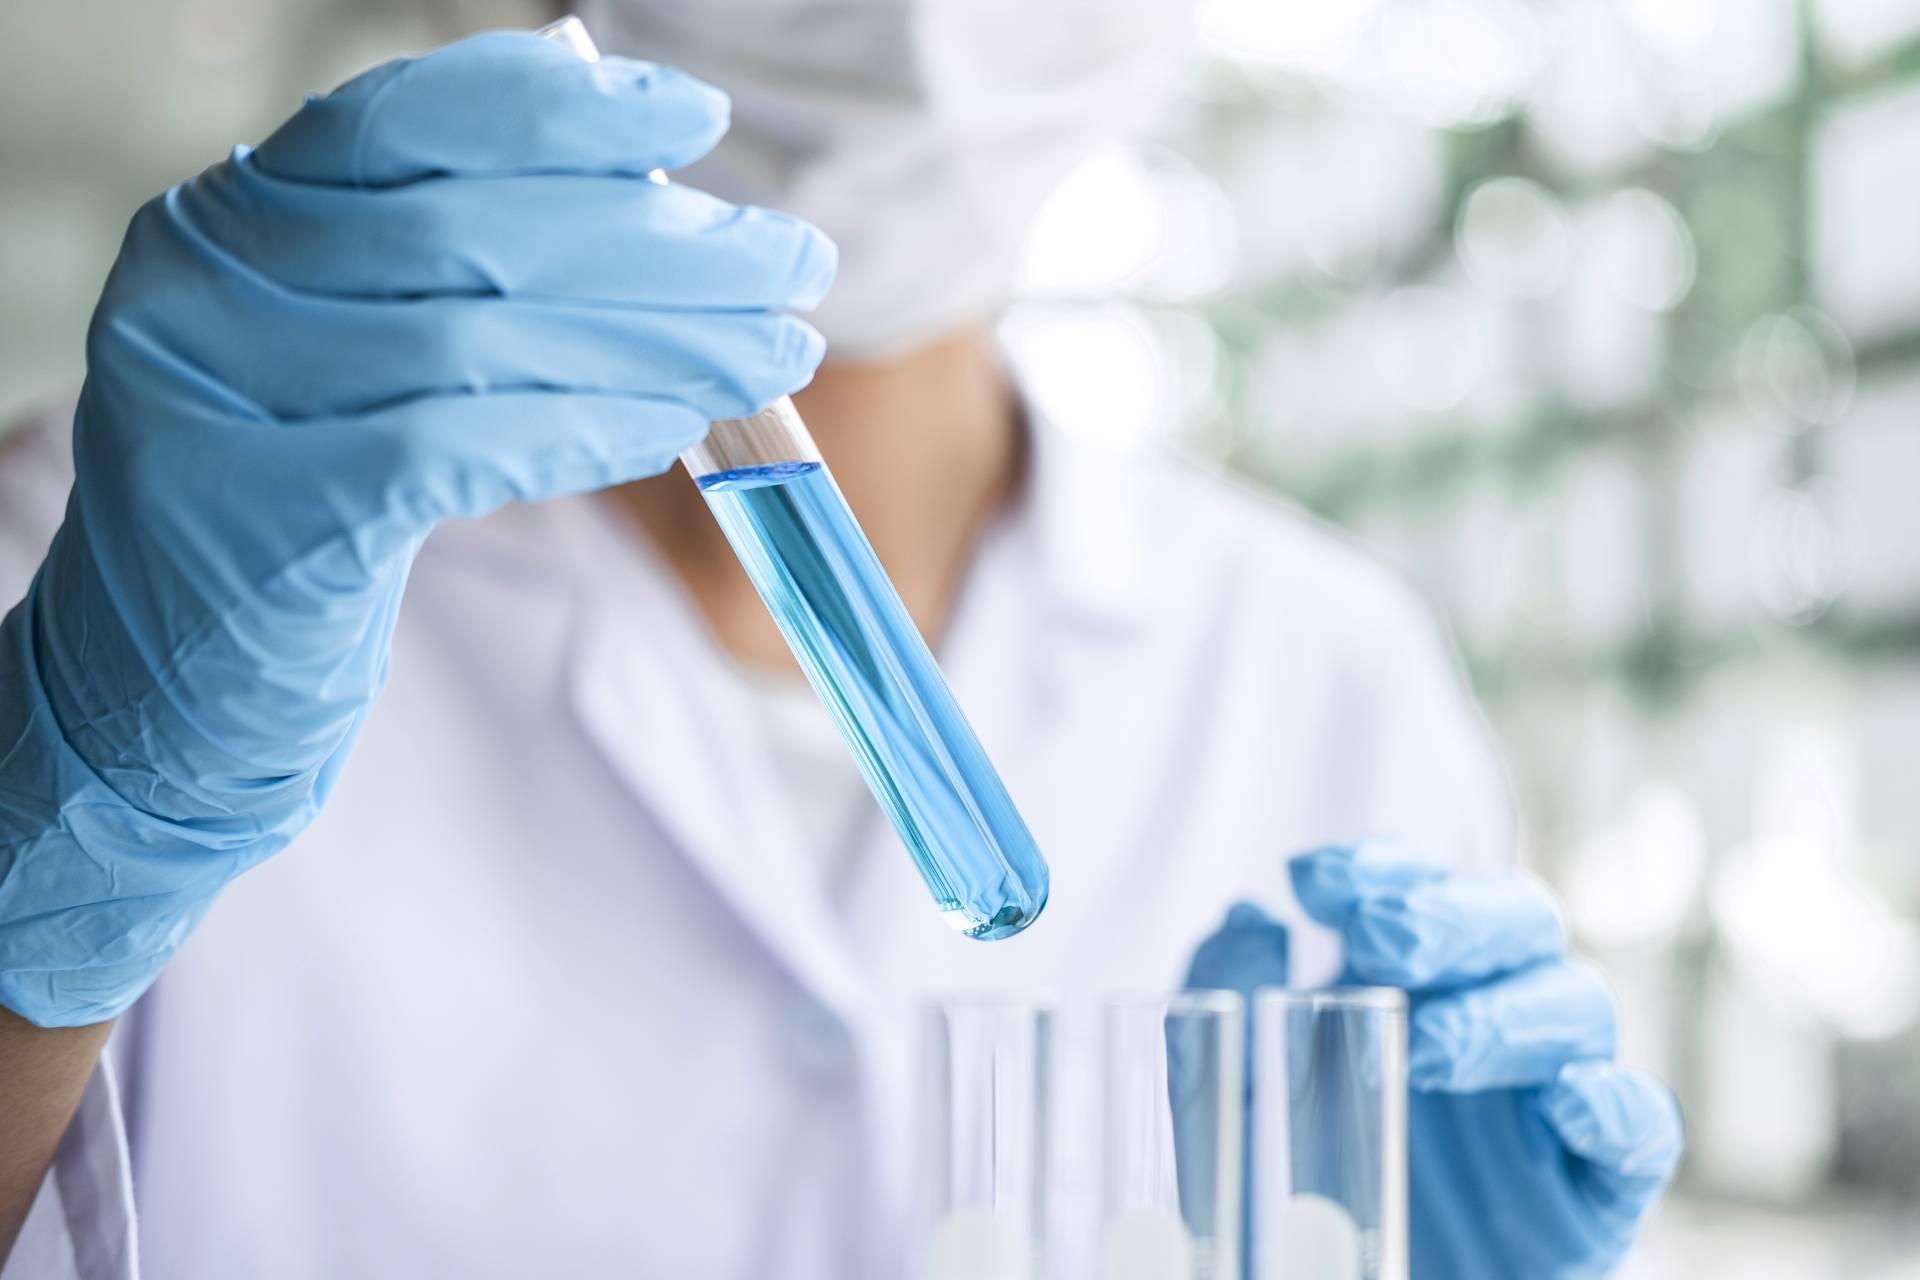 Jak leczyć raka trzustki? Testowanie próbek w laboratorium.